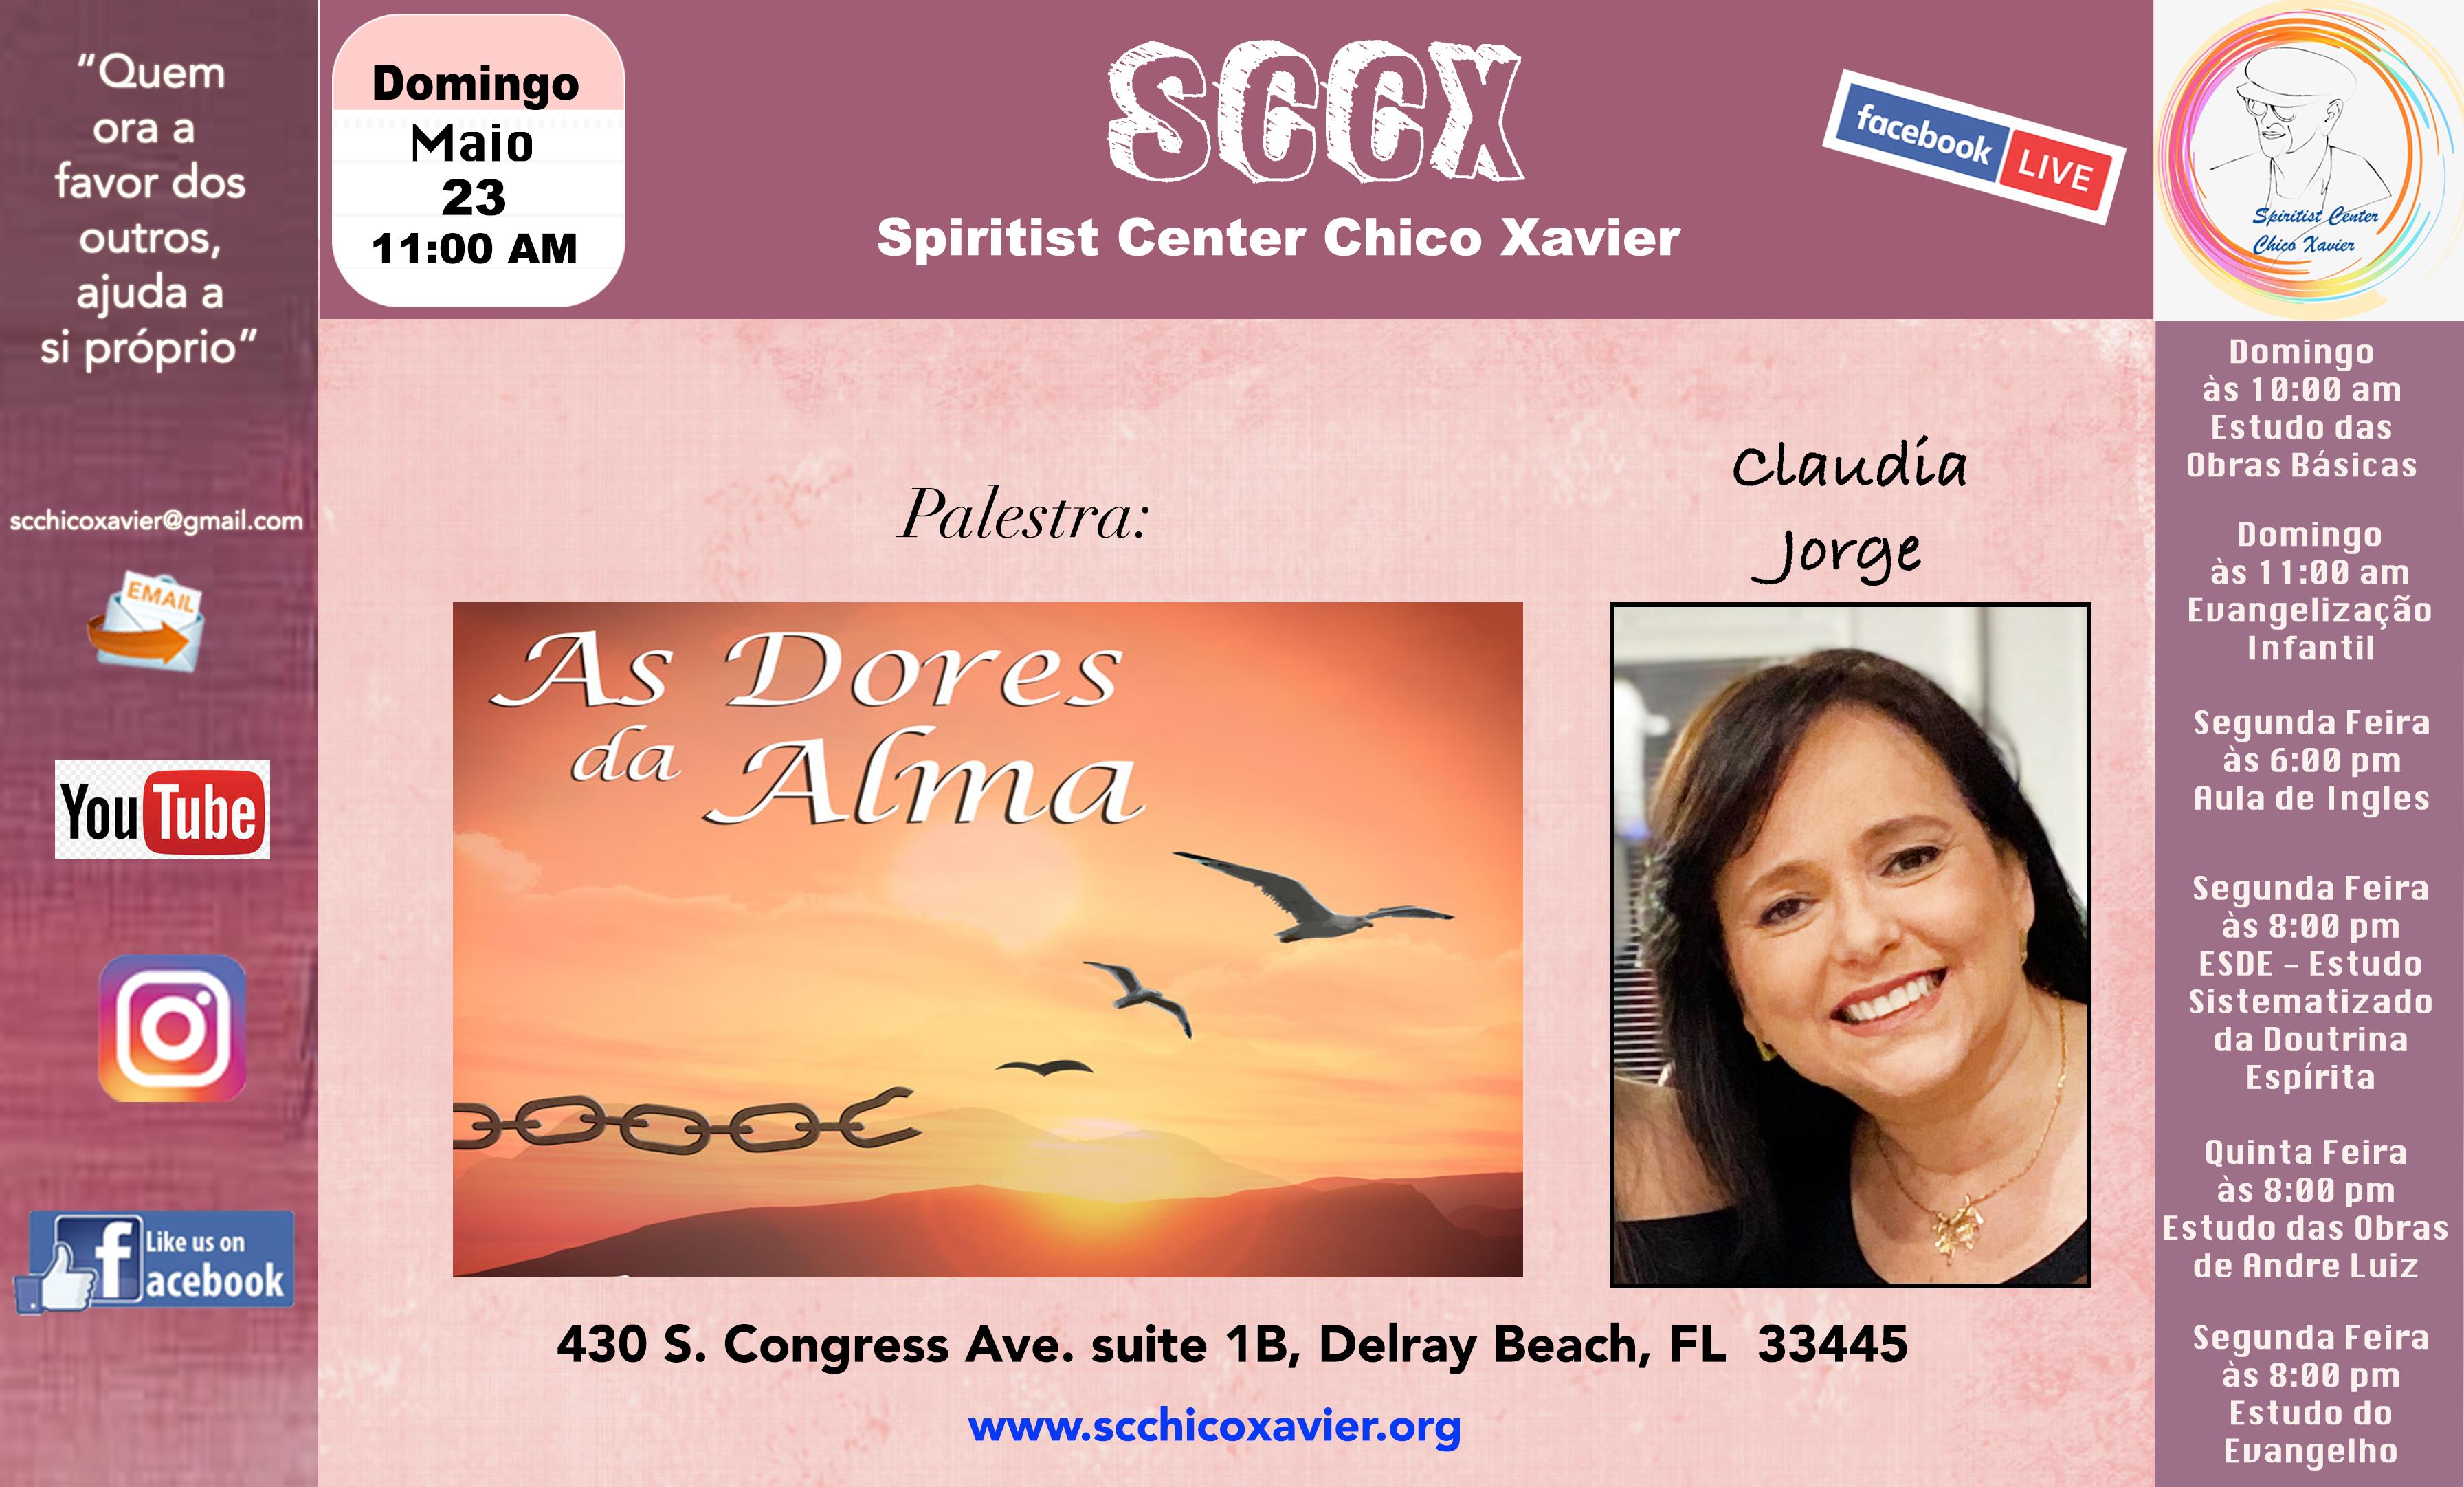 Claudia Jorge - As dores da Alma